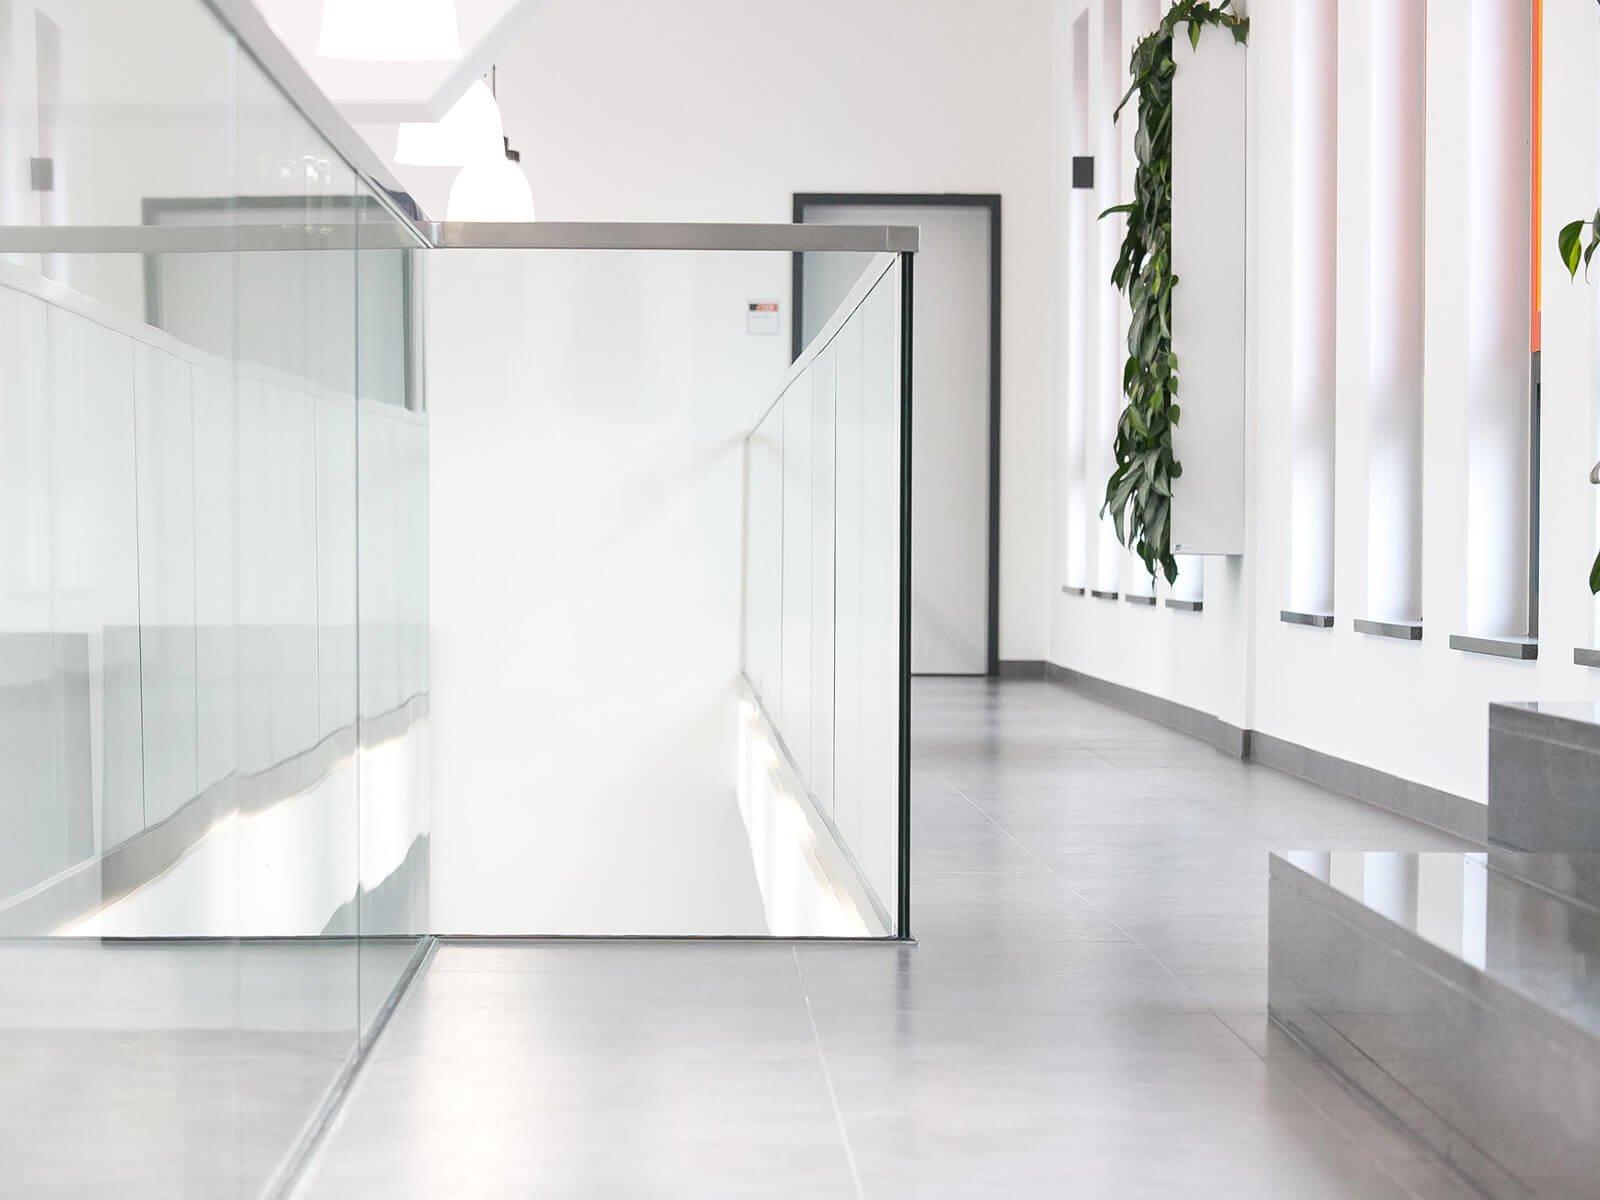 Glasrailing DELGADO für innen und aussen die hochwertige stilvolle elegante Lösung für Absturzsicherungen mit AbP